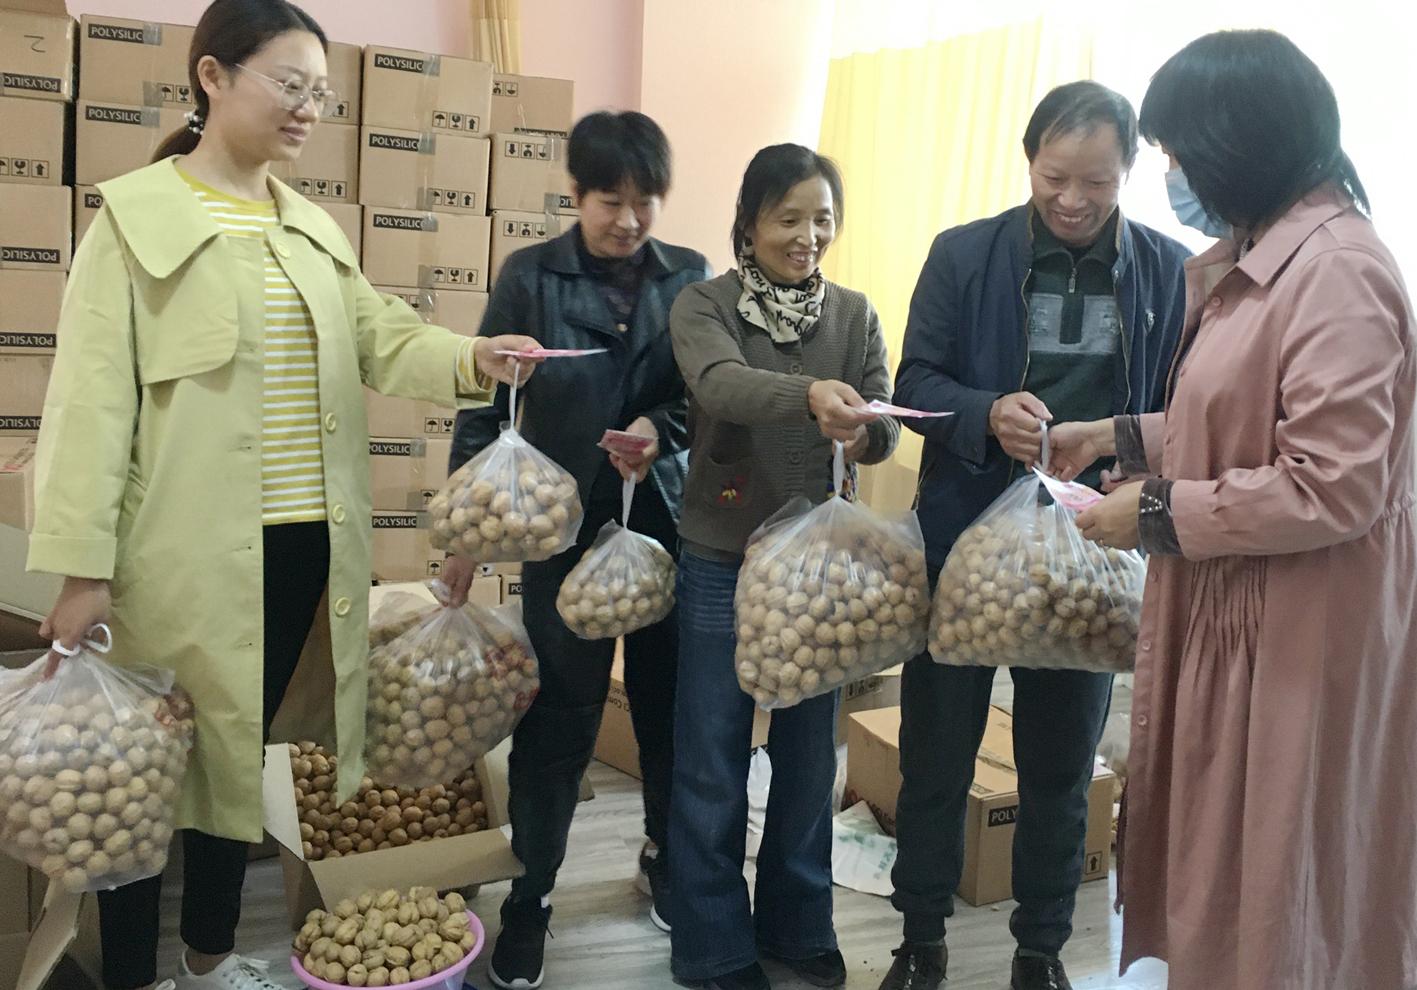 抢购新疆核桃 文昌花园结对伊犁助力村民增收